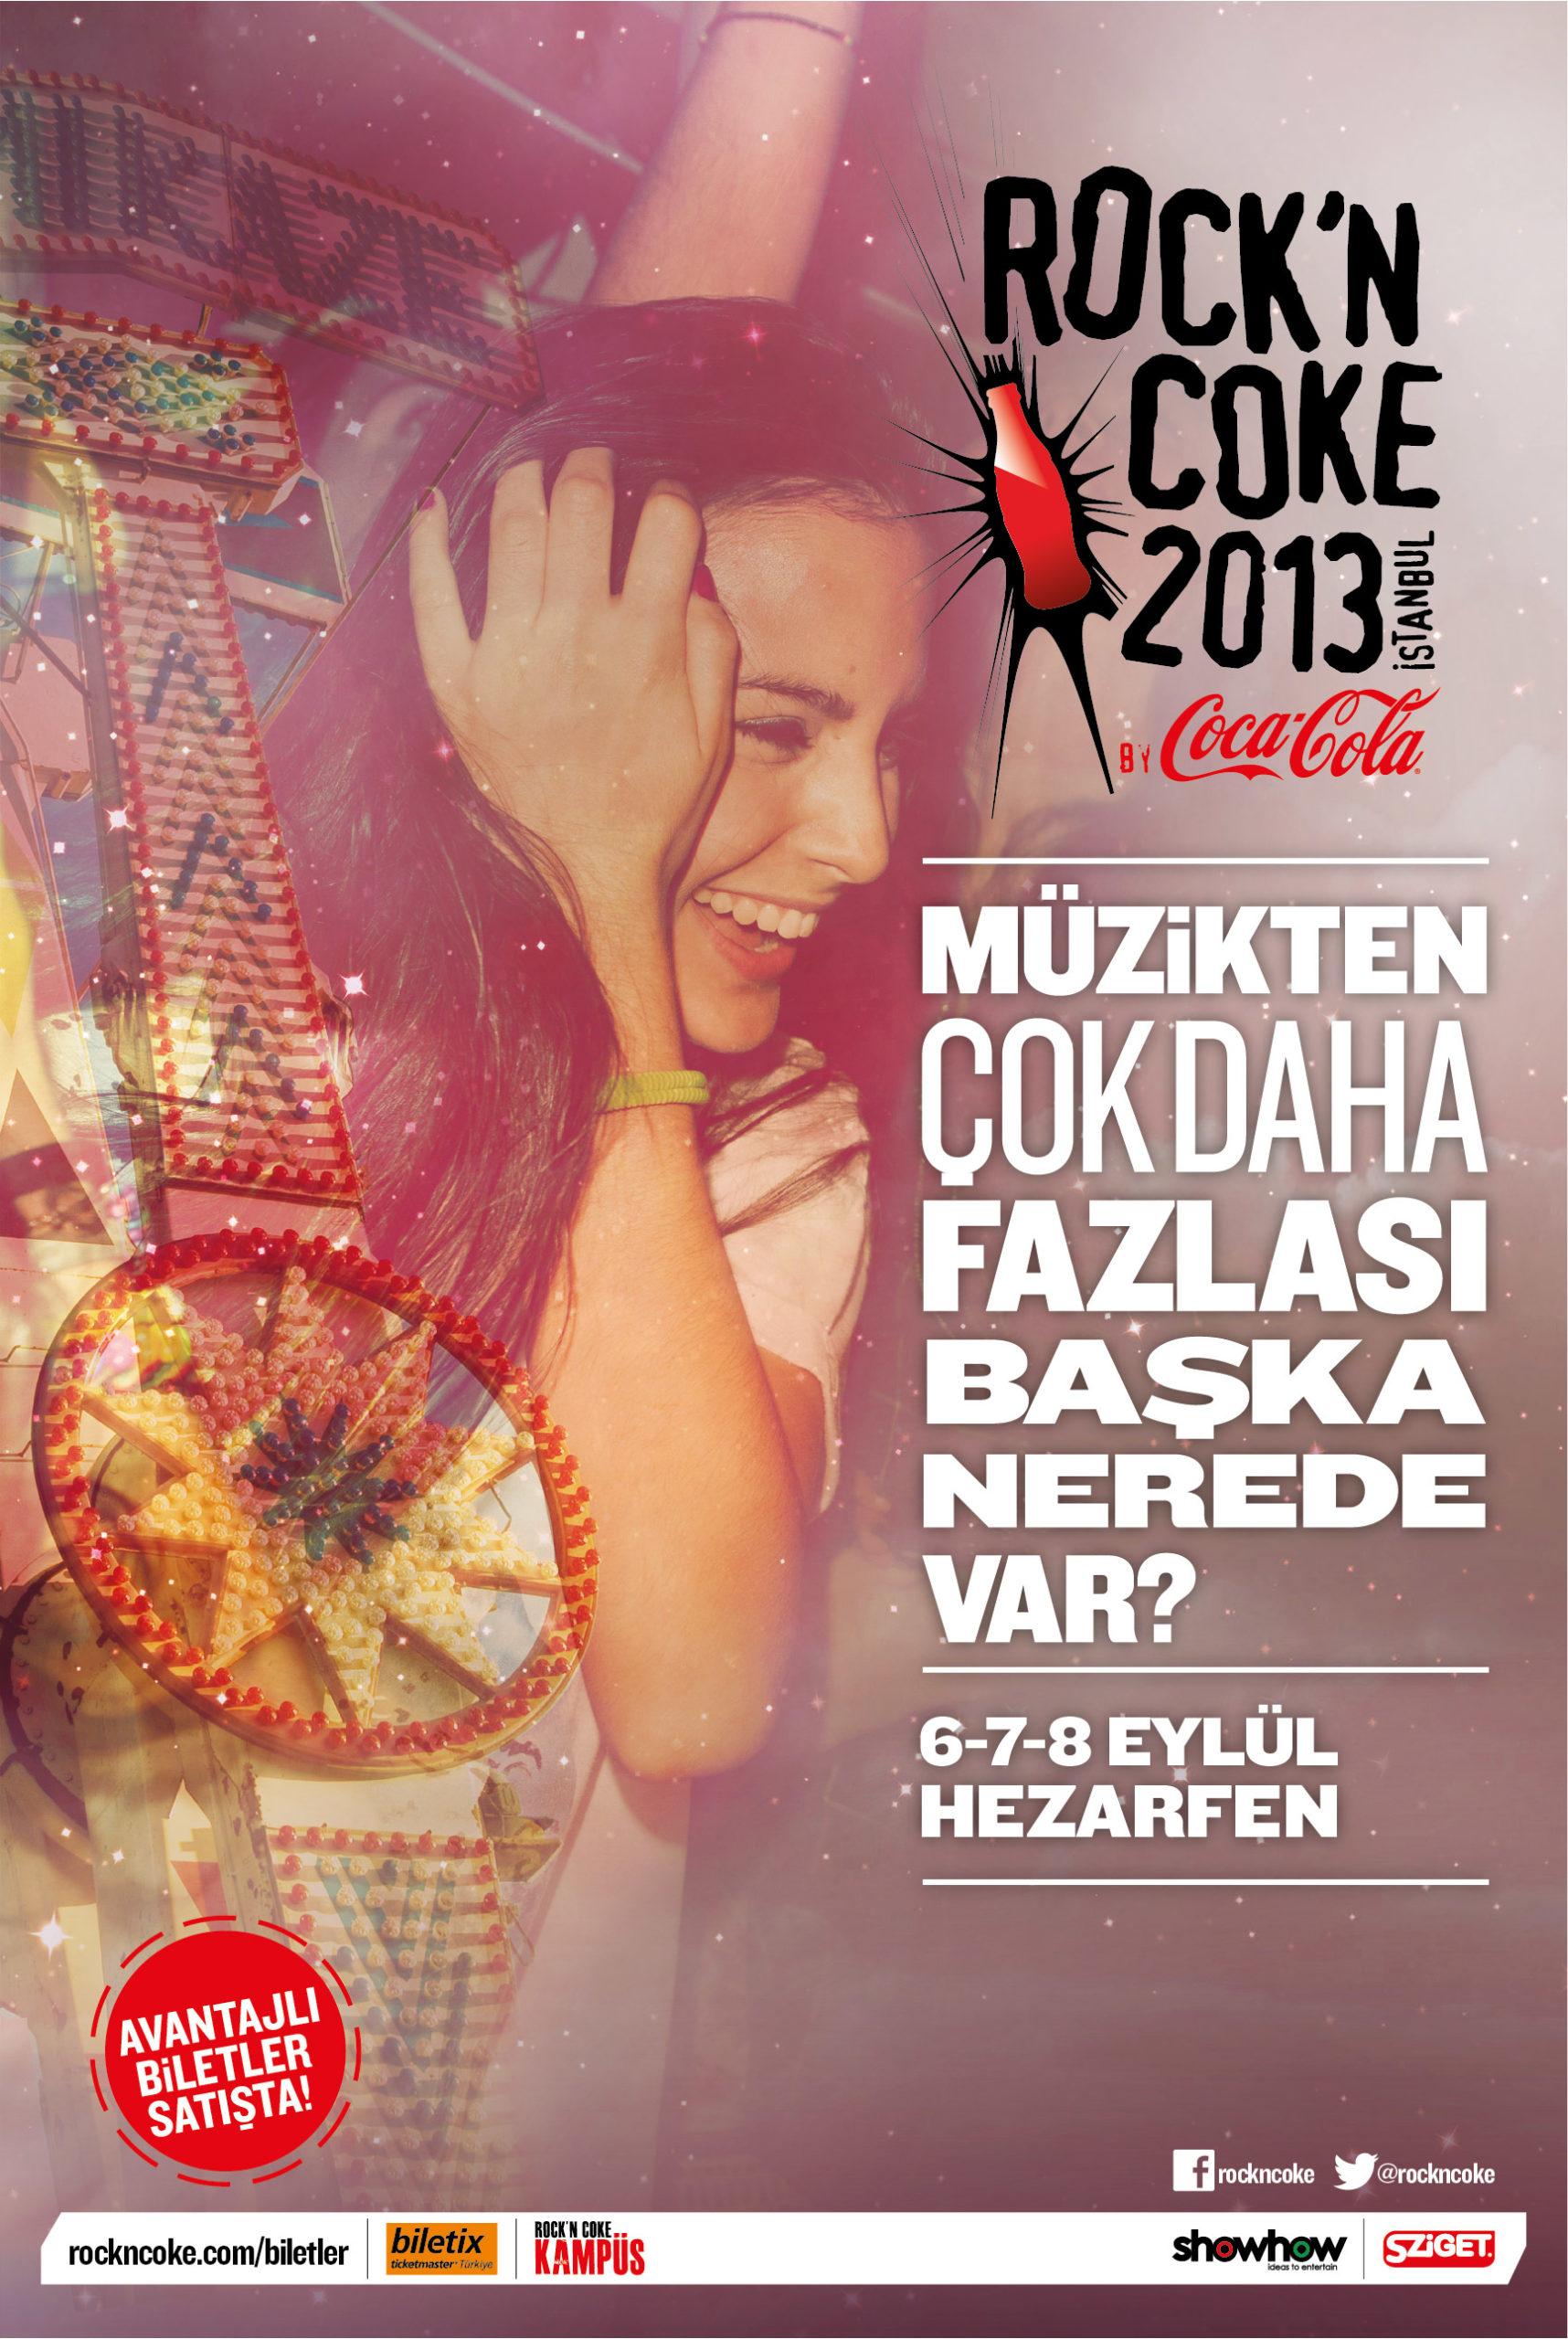 Rockn Coke 2013